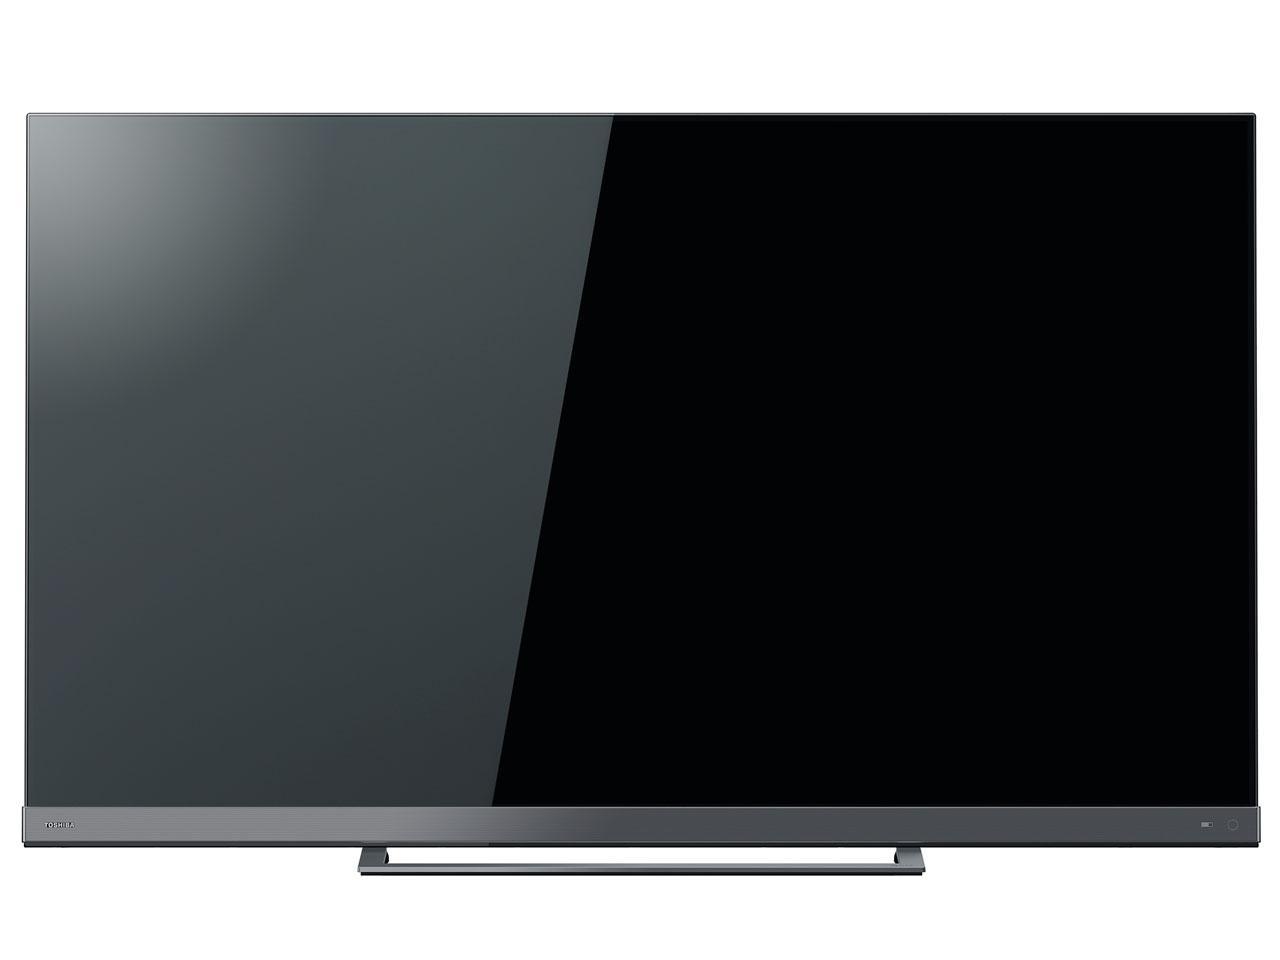 【5%OFF】 東芝(TOSHIBA) 液晶テレビ(65Z740X) ※出荷後お届けまで一週間ほどかかります【smtb-s】, ツキガセムラ d6a5f202